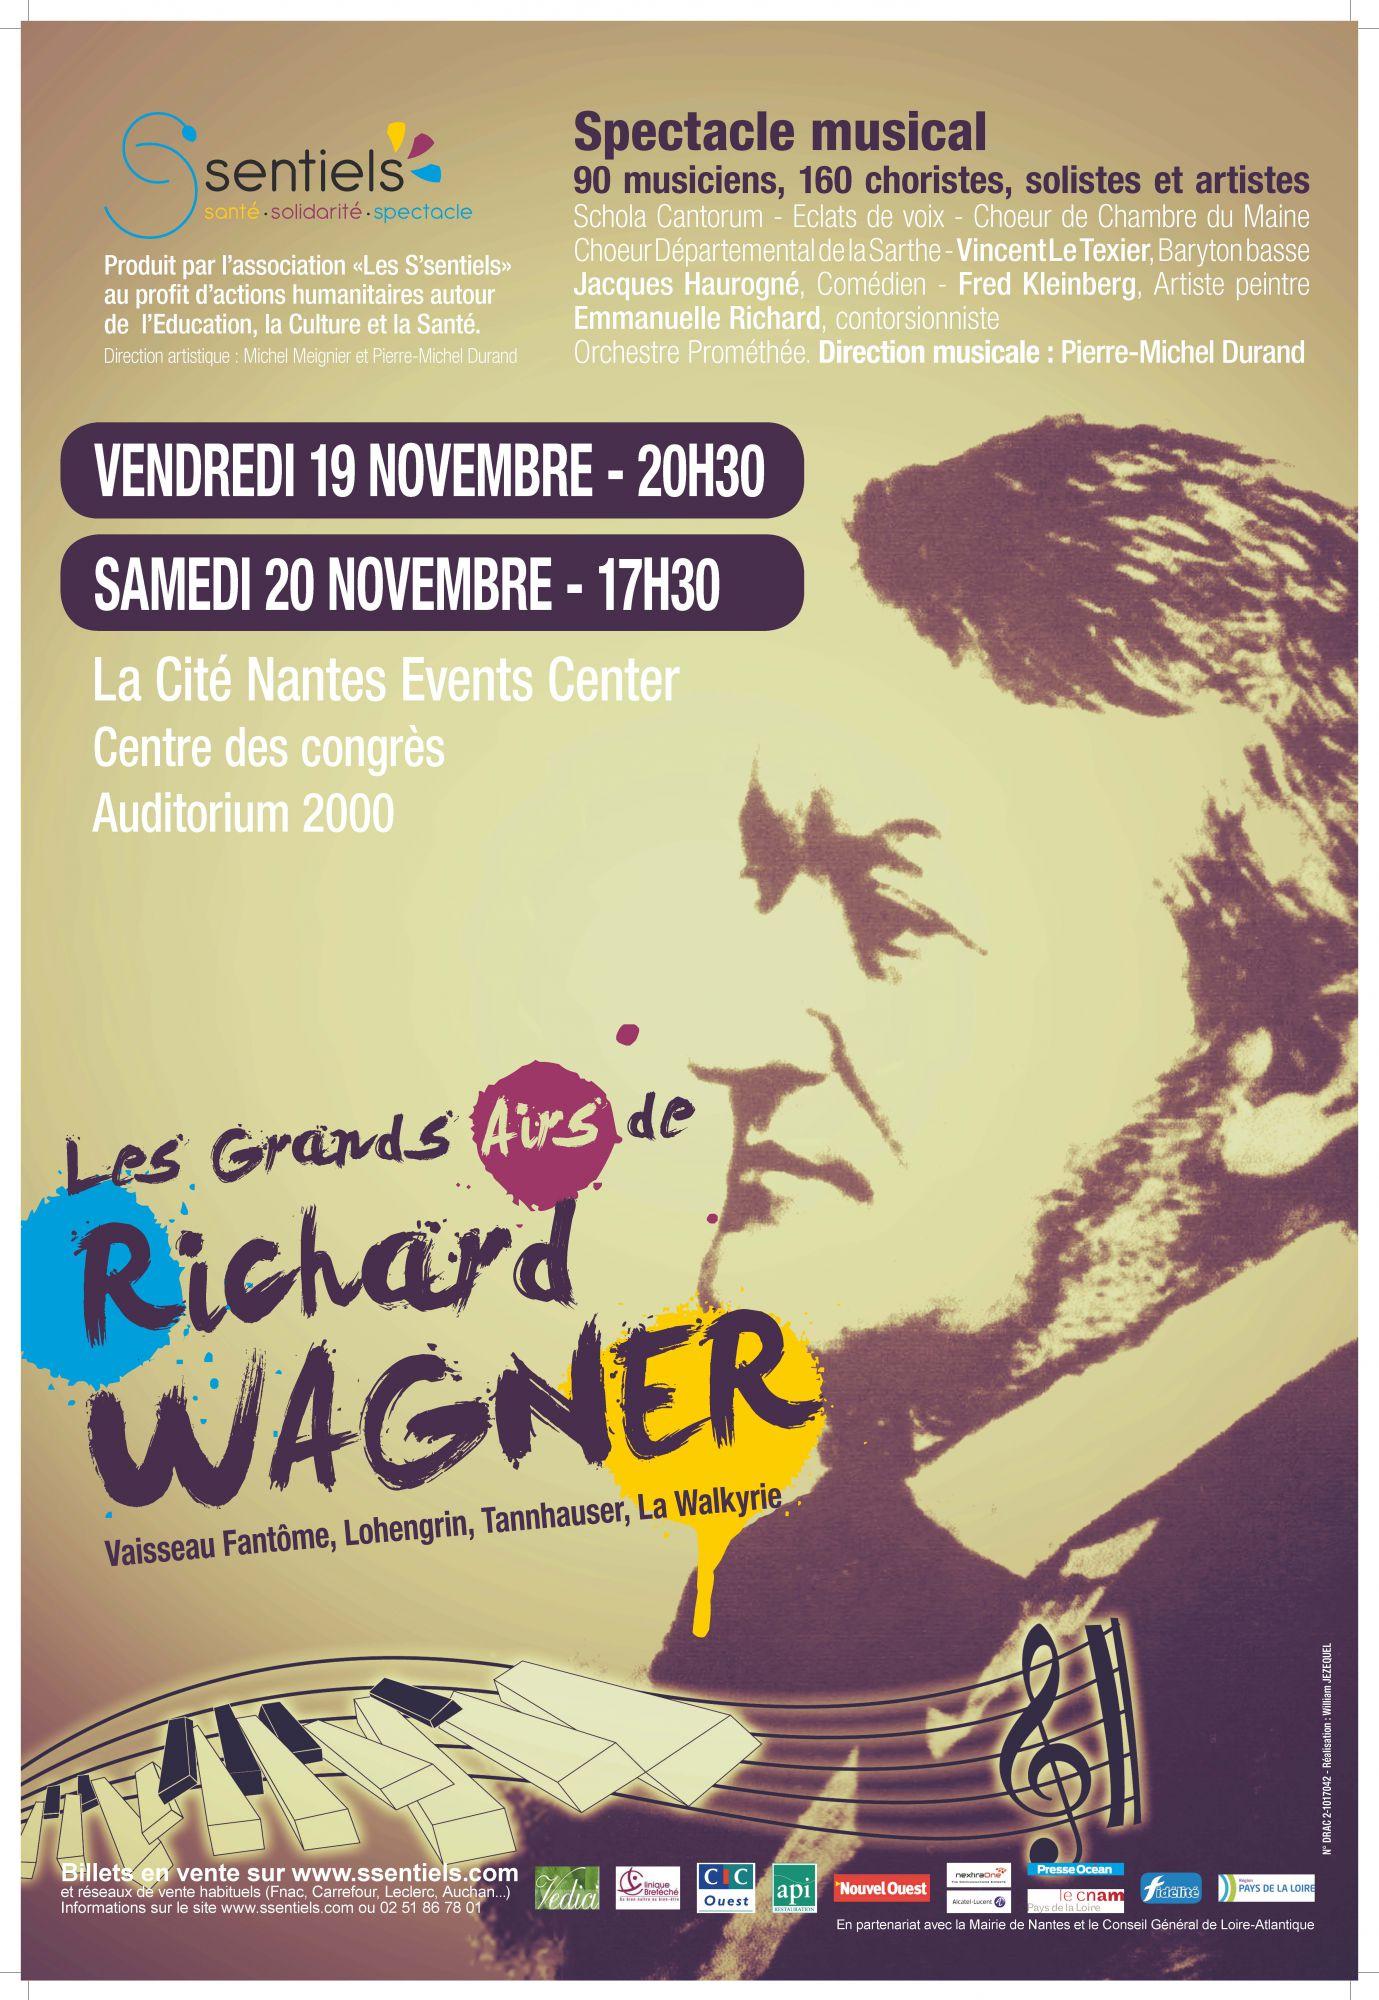 Les grands airs de Wagner 2010